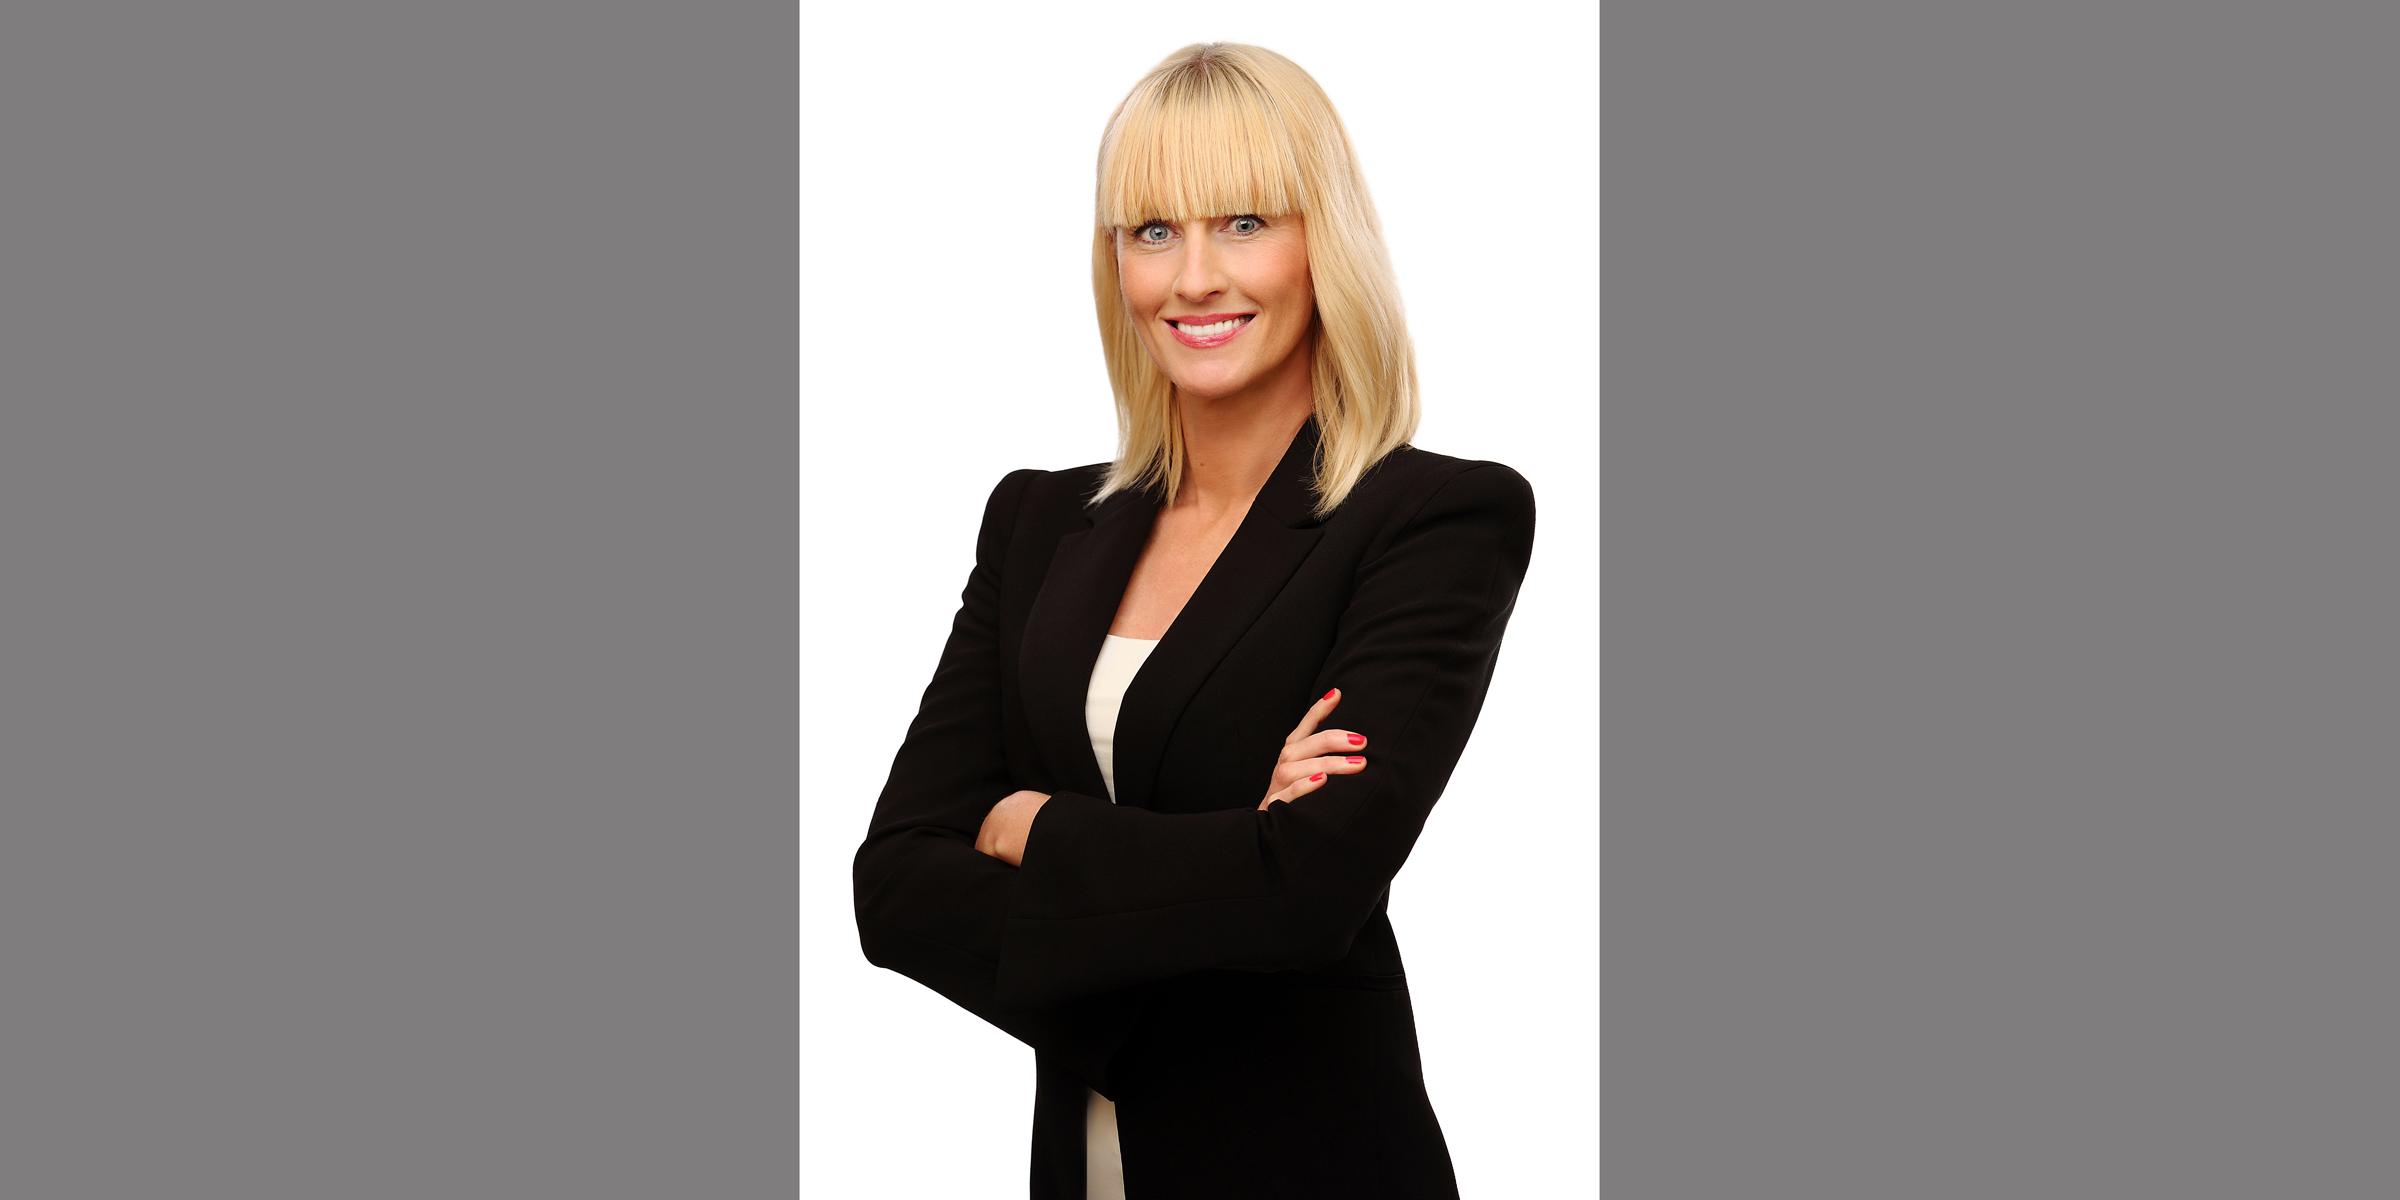 Farbportrait einer blonden Frau mit strahlendem Lächeln, die mit gekreuzten Armen in dunklem Business-Jackett posiert.